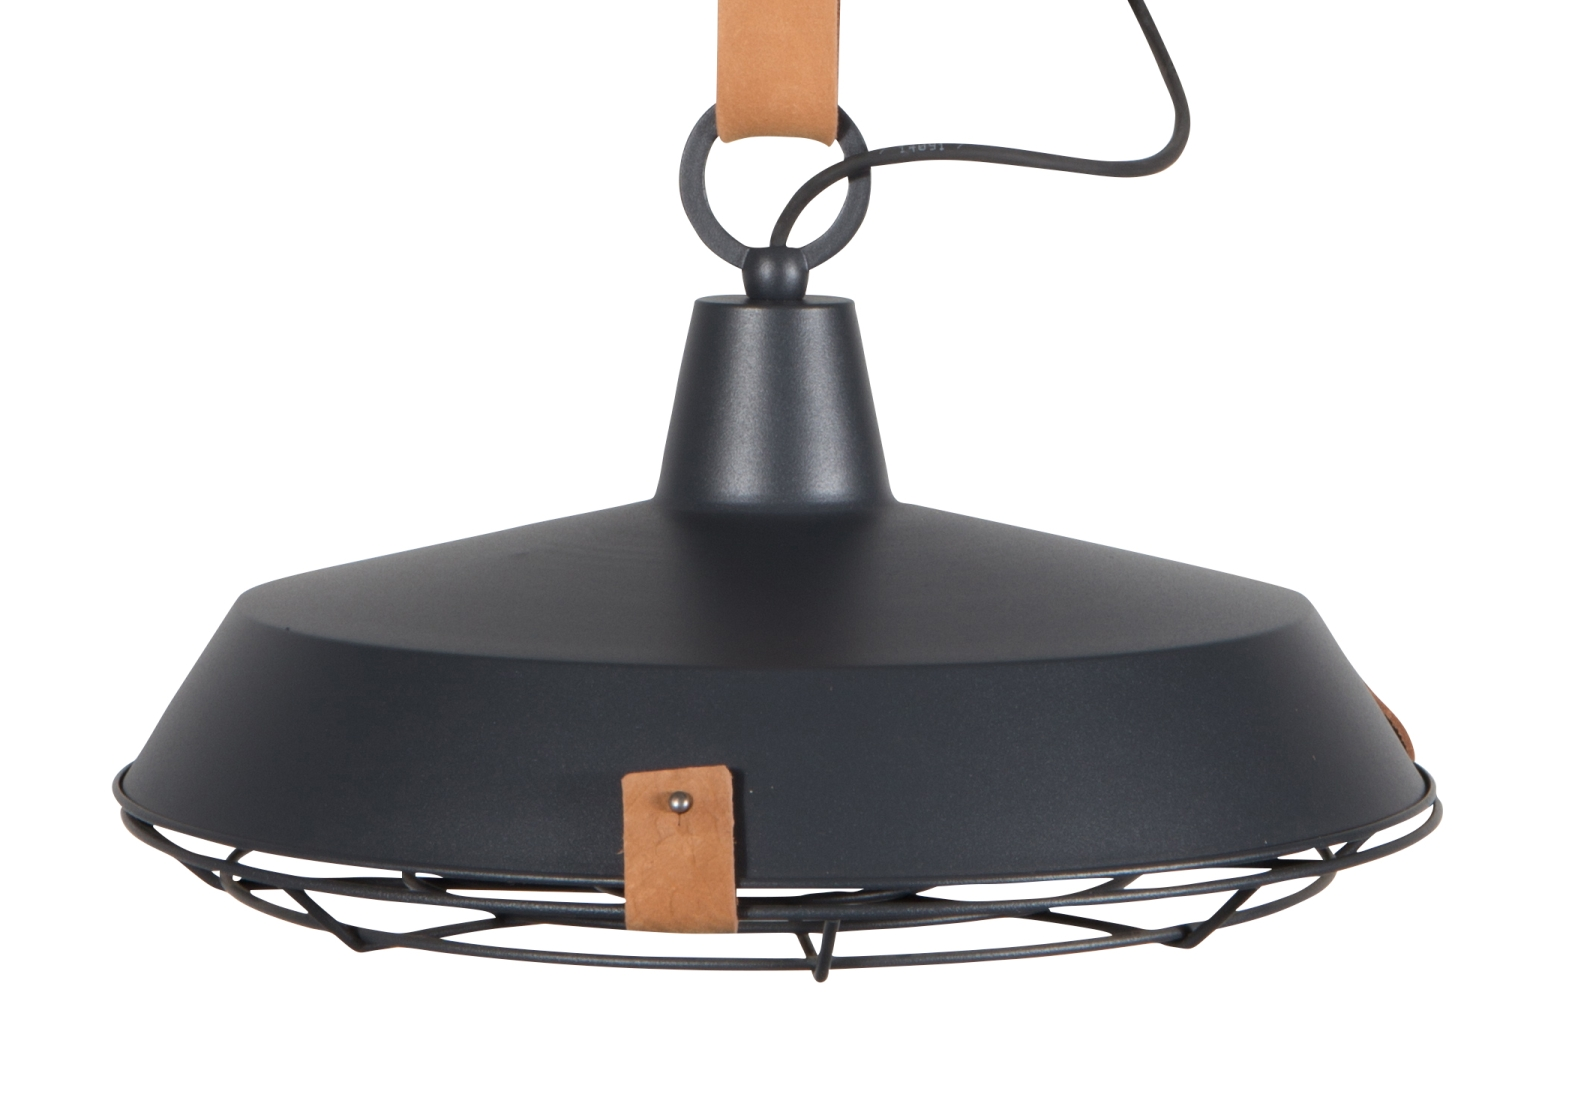 Zuiver Hanglamp DEK 40 -Ø40 Cm - Antraciet